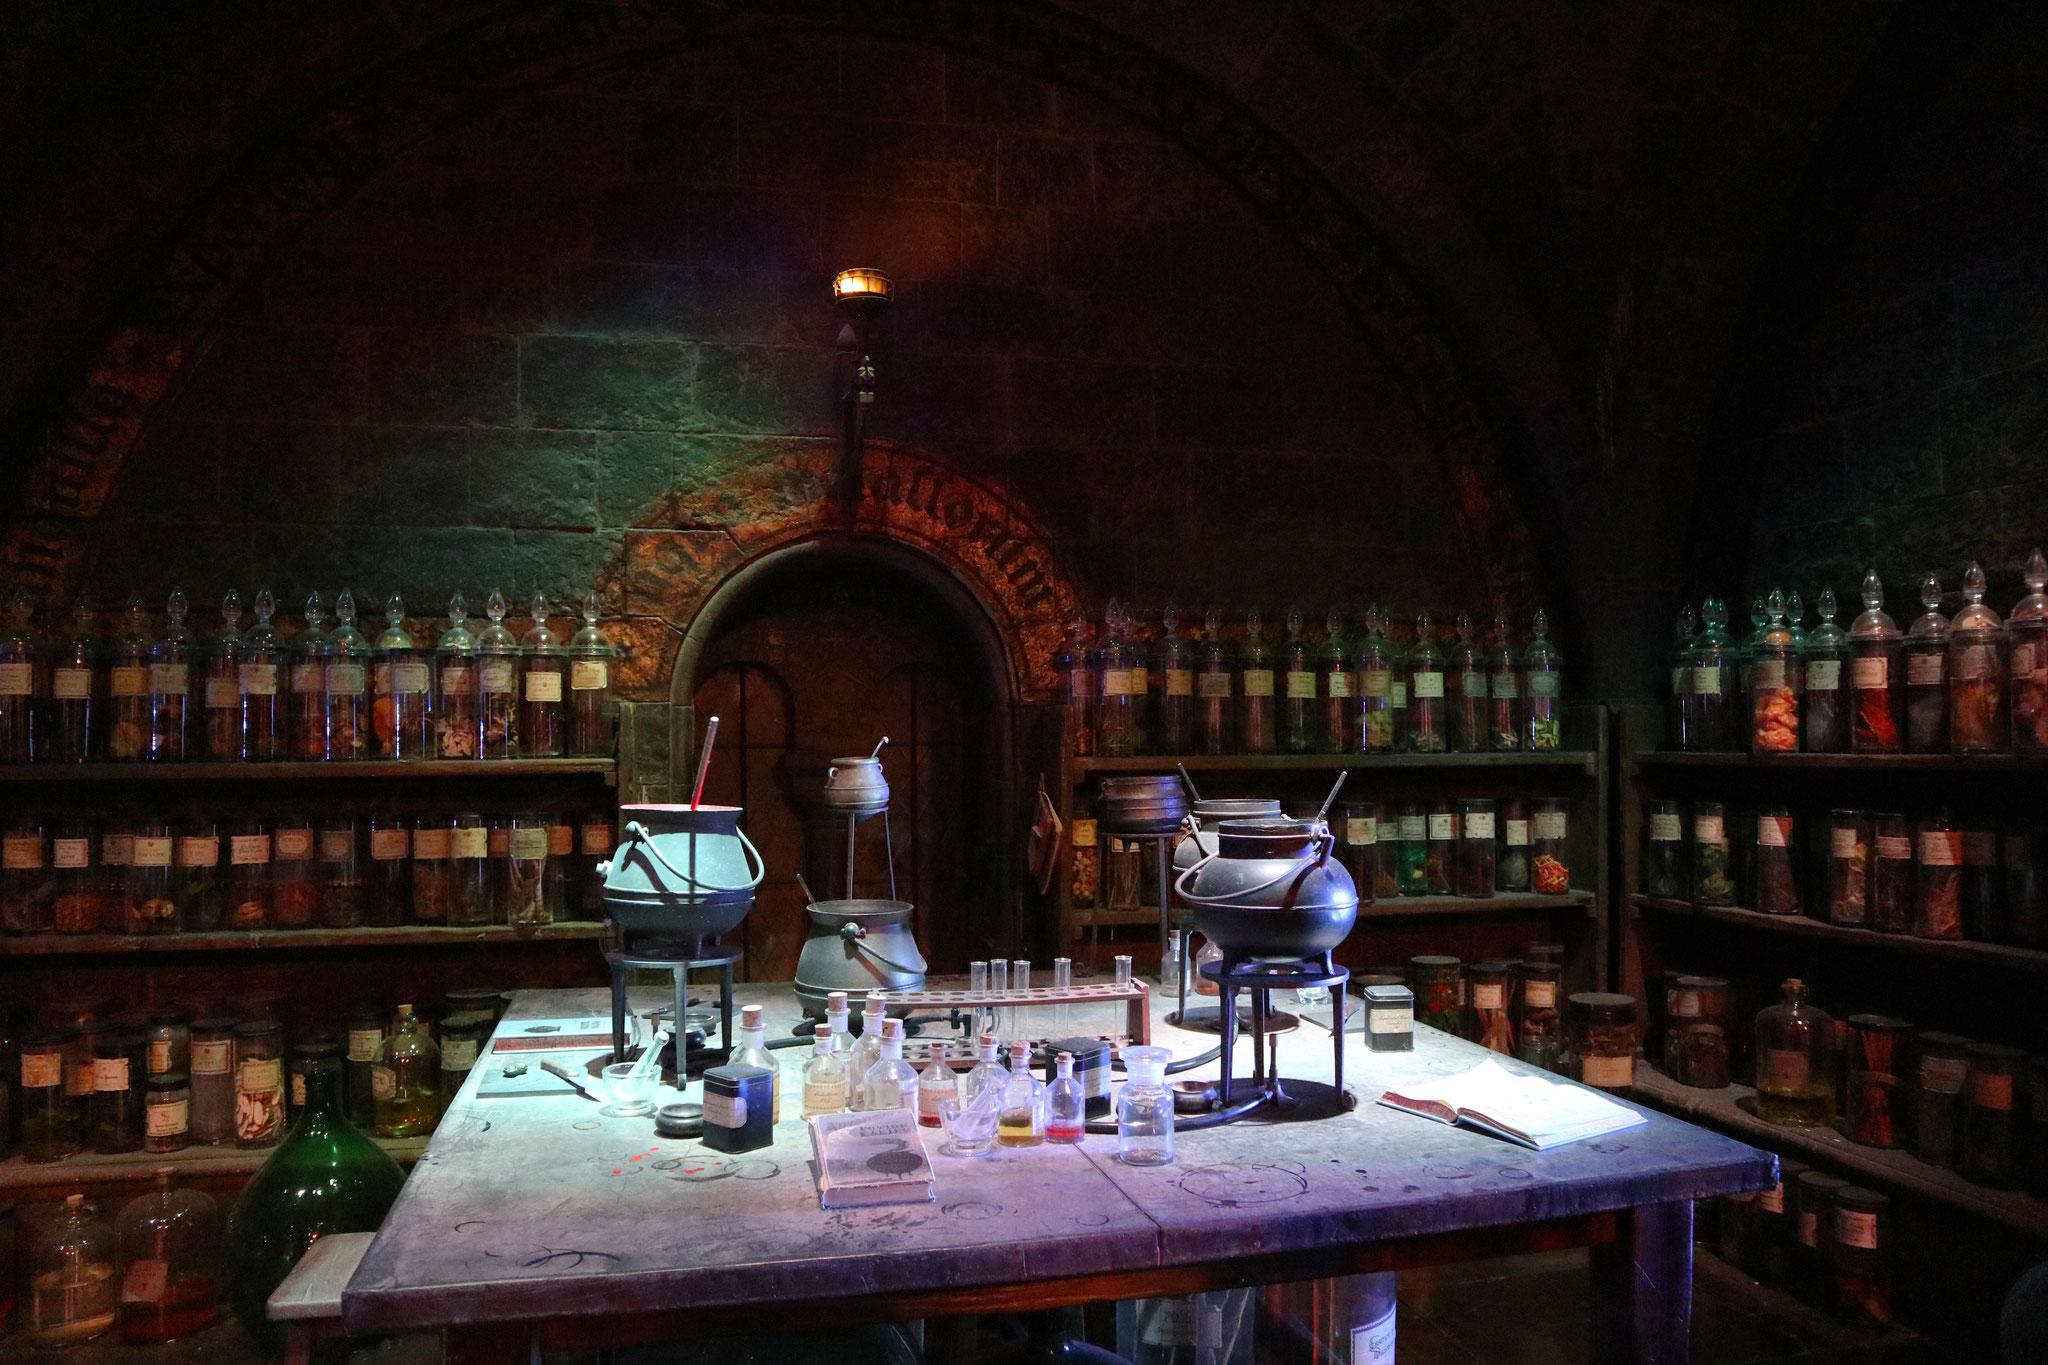 Der Potions Classroom war richtig schön gemacht :)